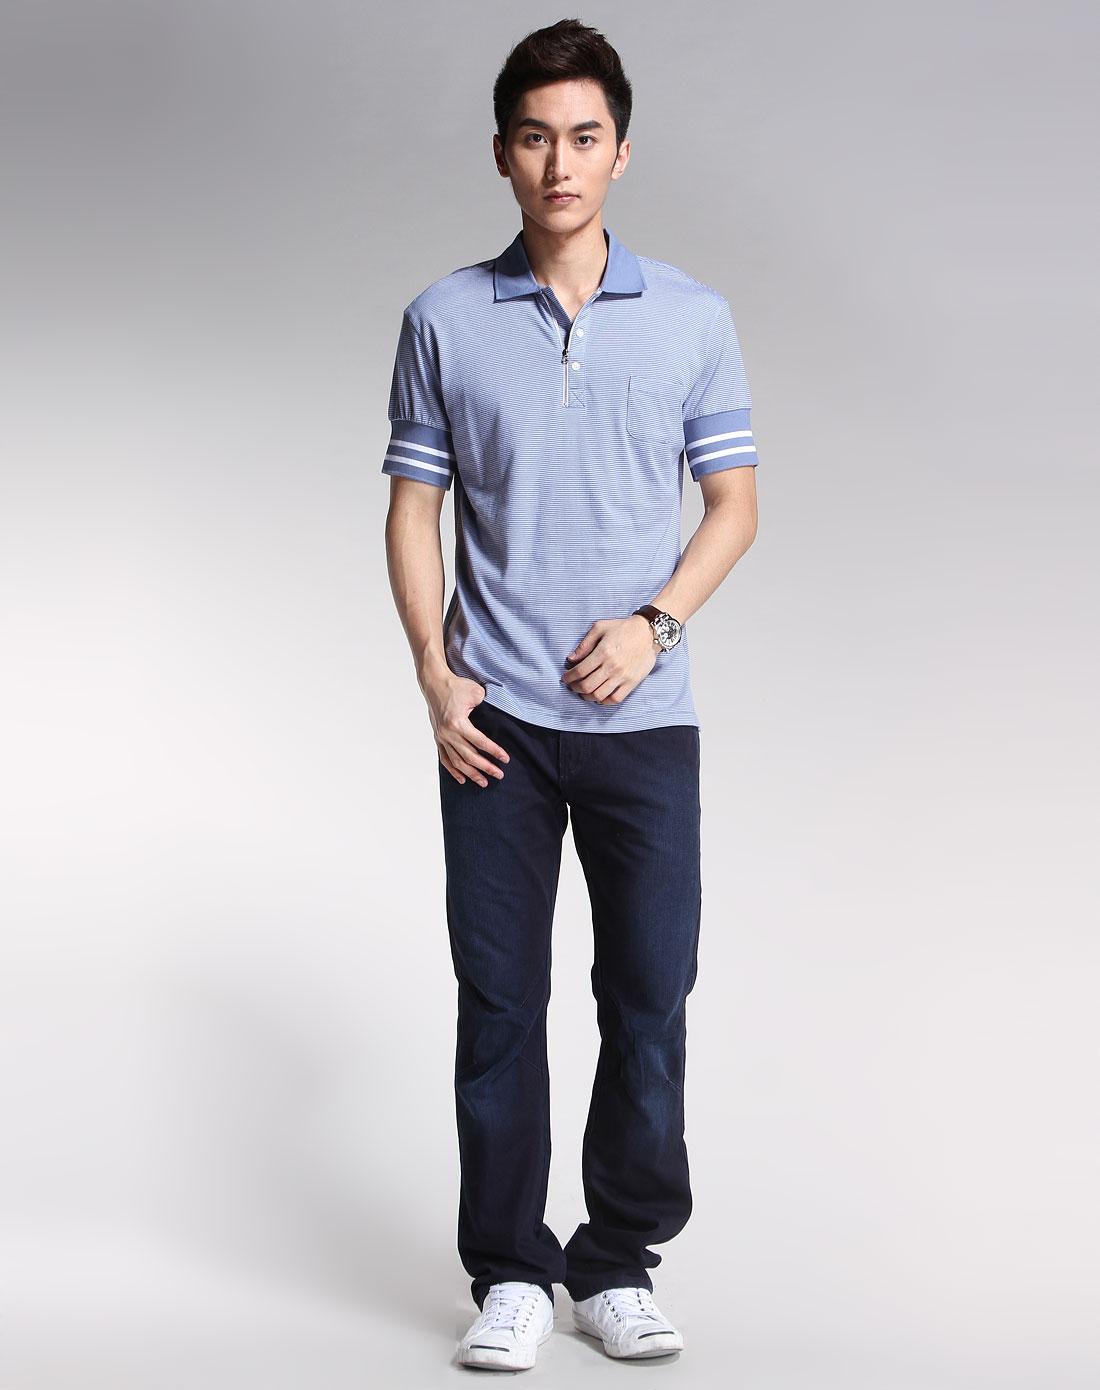 卡宾cabbeen-男装-蓝色条纹休闲短袖t恤